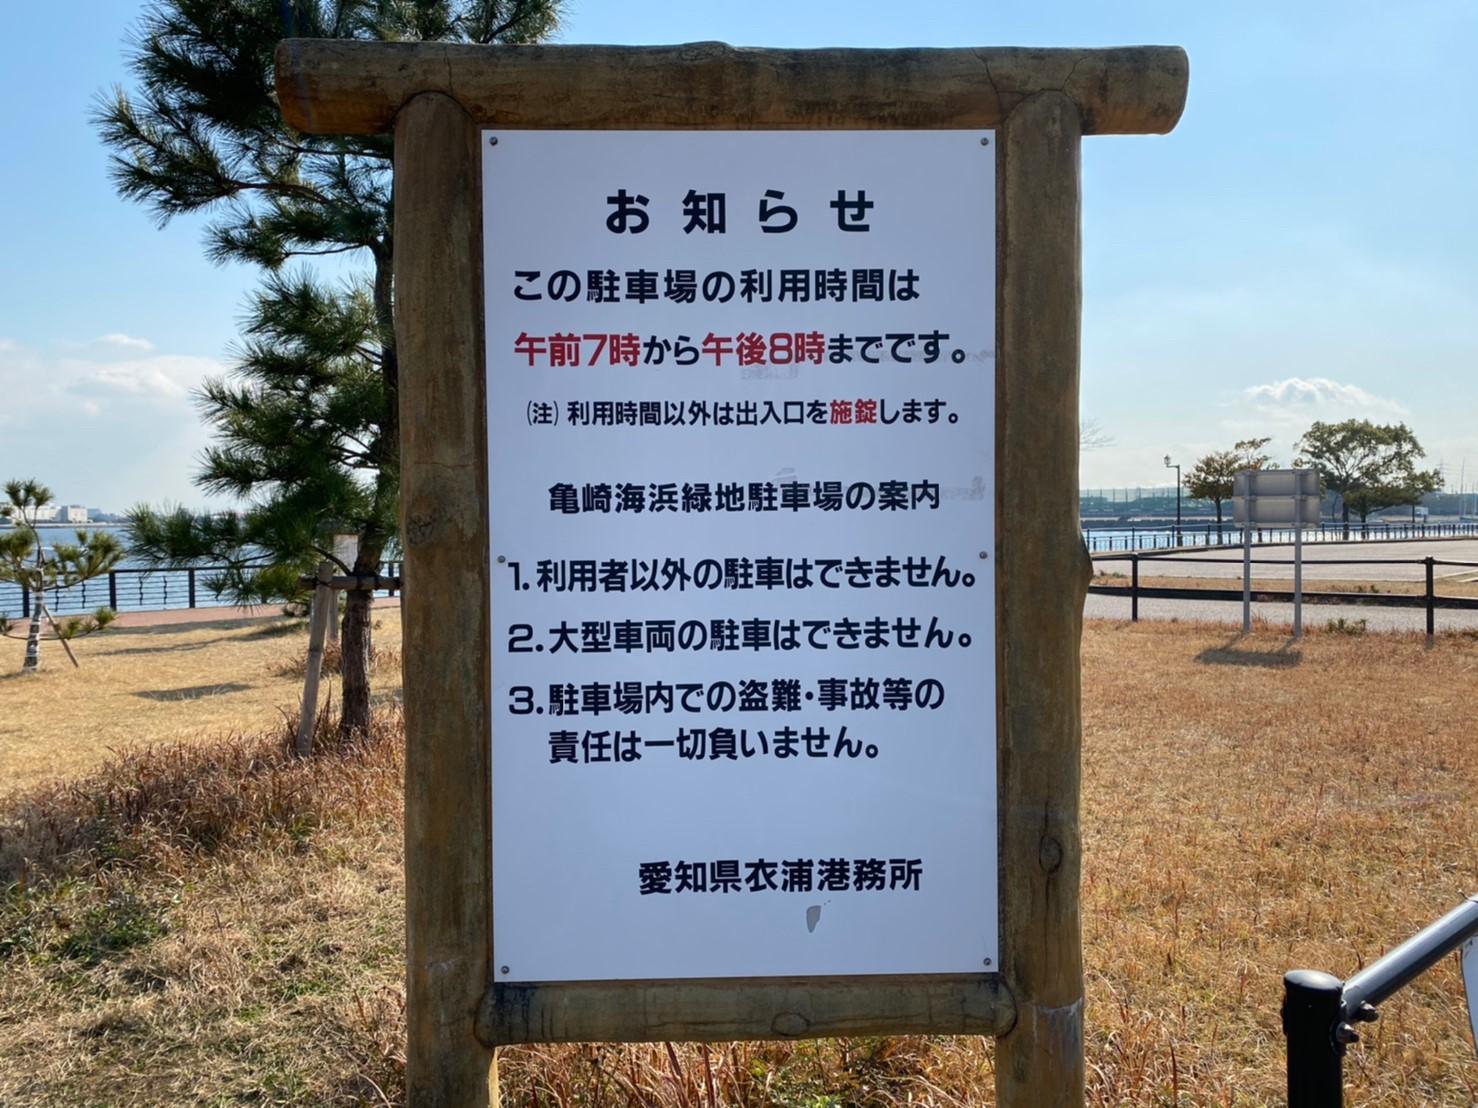 【子連れに人気のハゼ釣りスポット】『亀崎港&亀崎海浜緑地』の釣り場ガイド(駐車場・トイレ・釣れる魚)